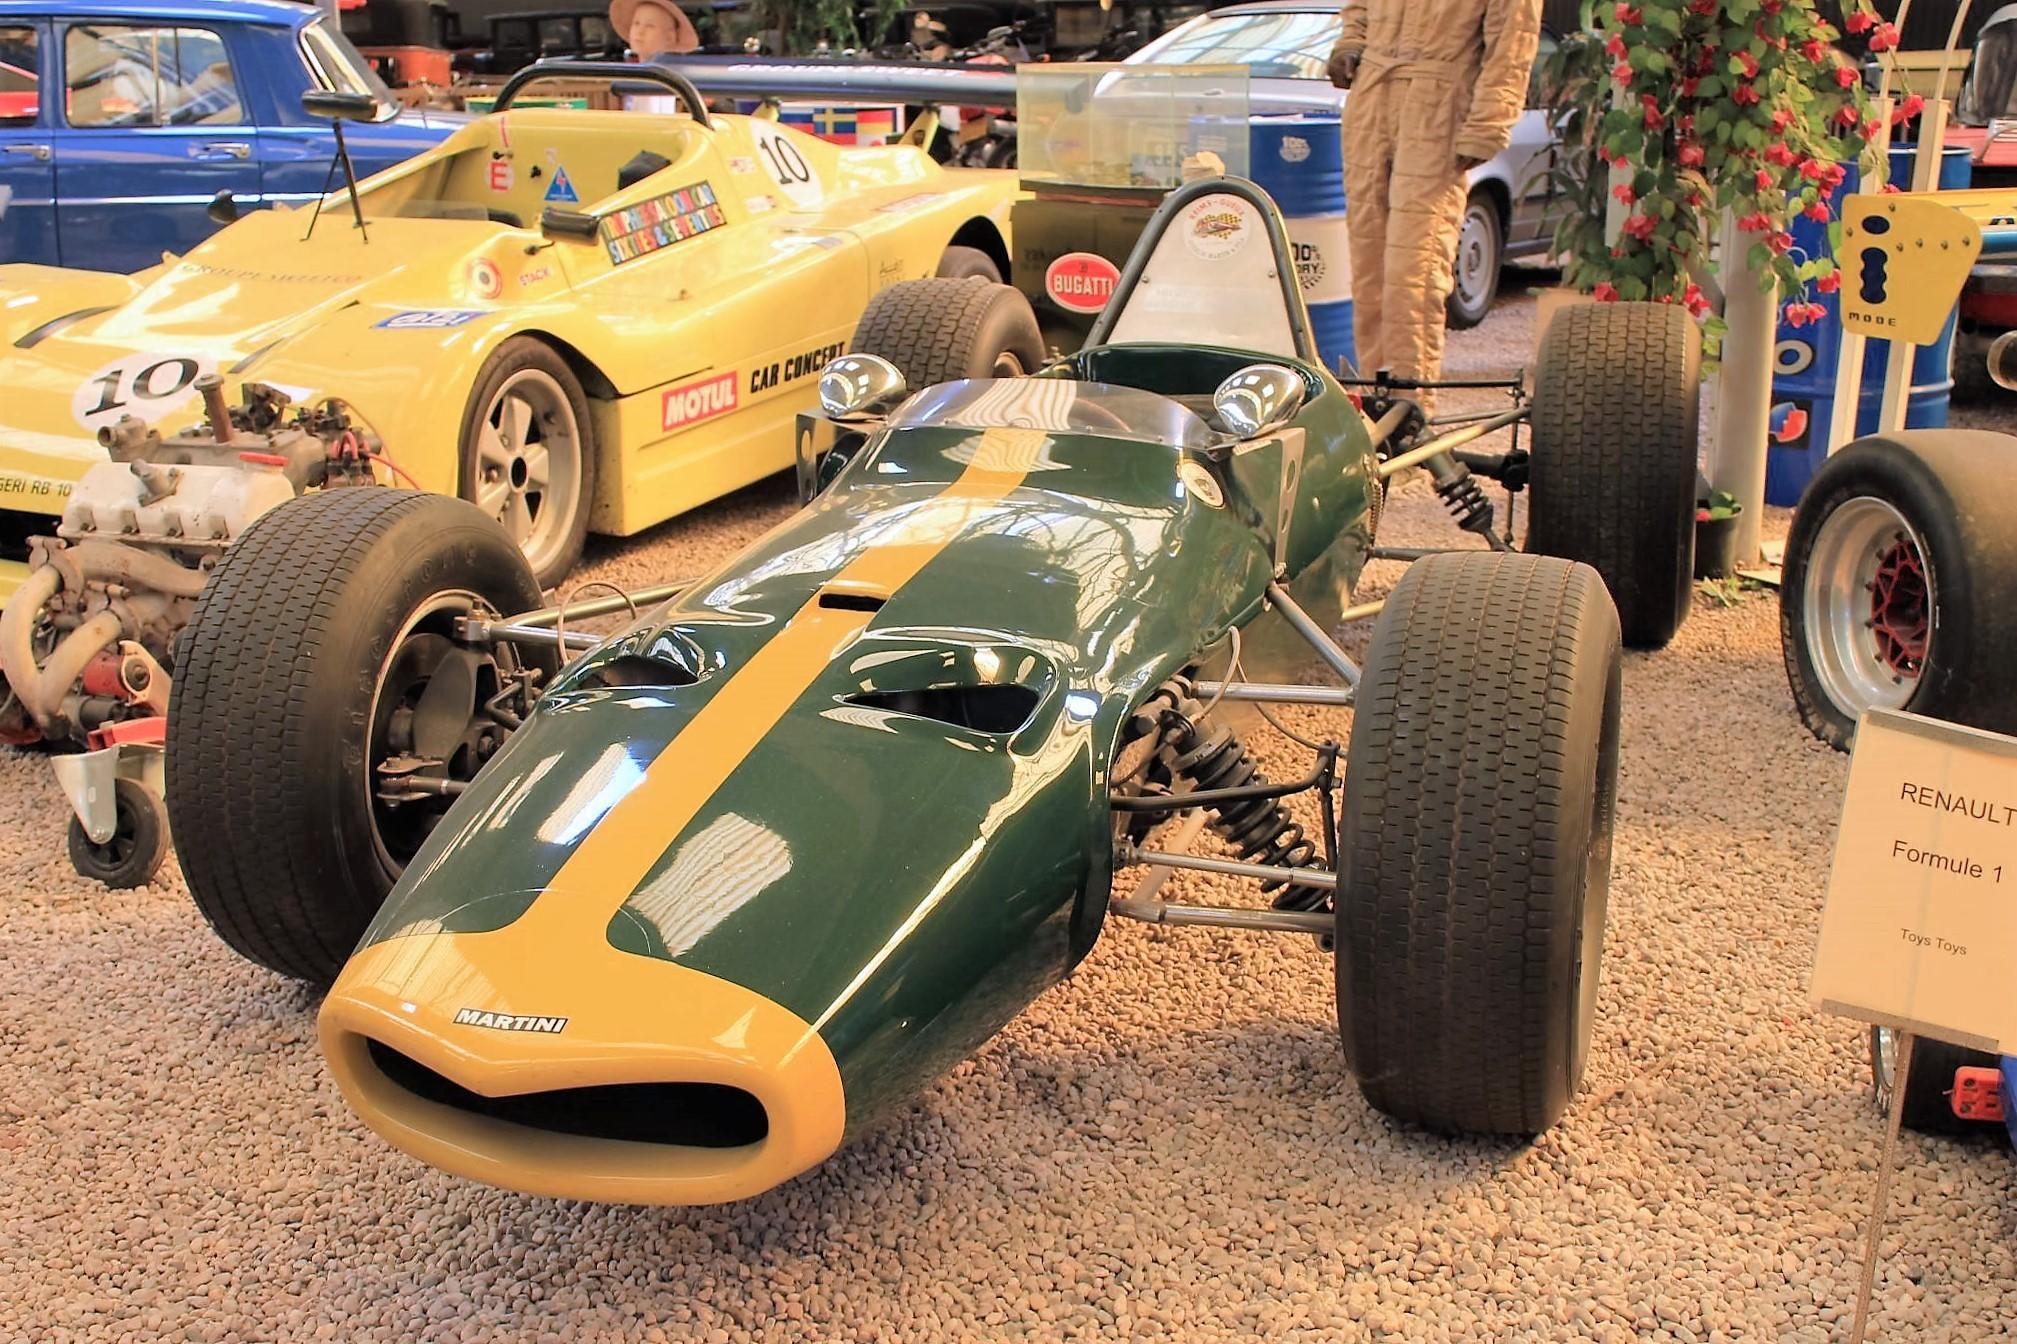 Musée automobile de Reims